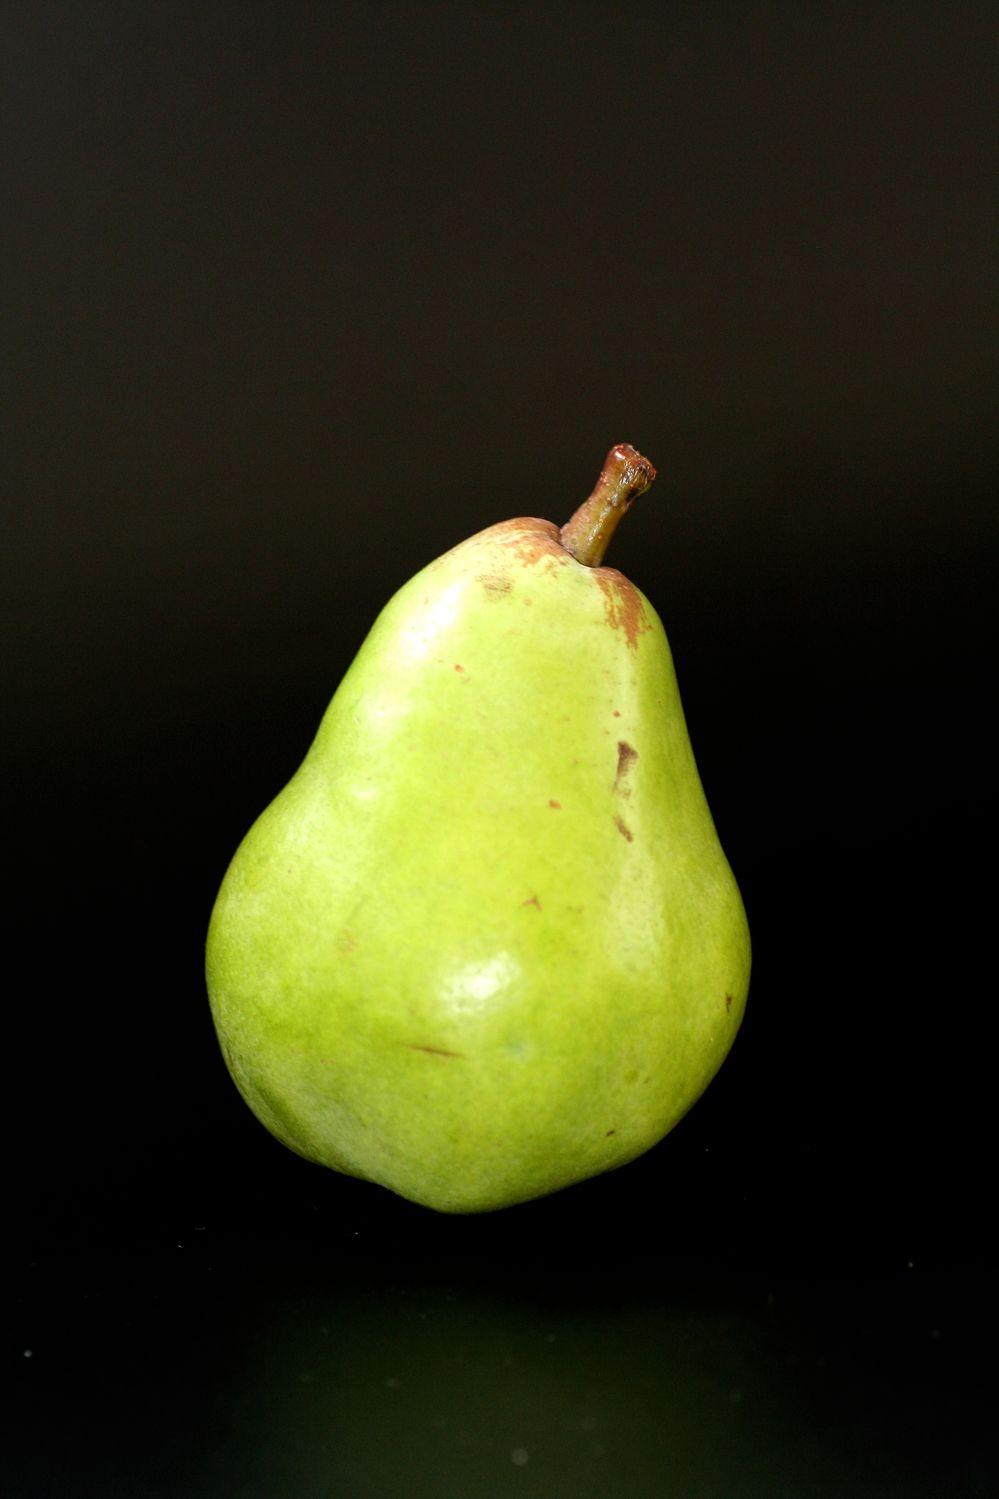 Bild mit Grün, Früchte, Lebensmittel, Essen, Schwarz, Frucht, Fruit, Obst, Birne, Birnen, Kernobst, Pyrus, bira, bir, bire, pirum, pear, Birne mit schwarzem Hintergrund